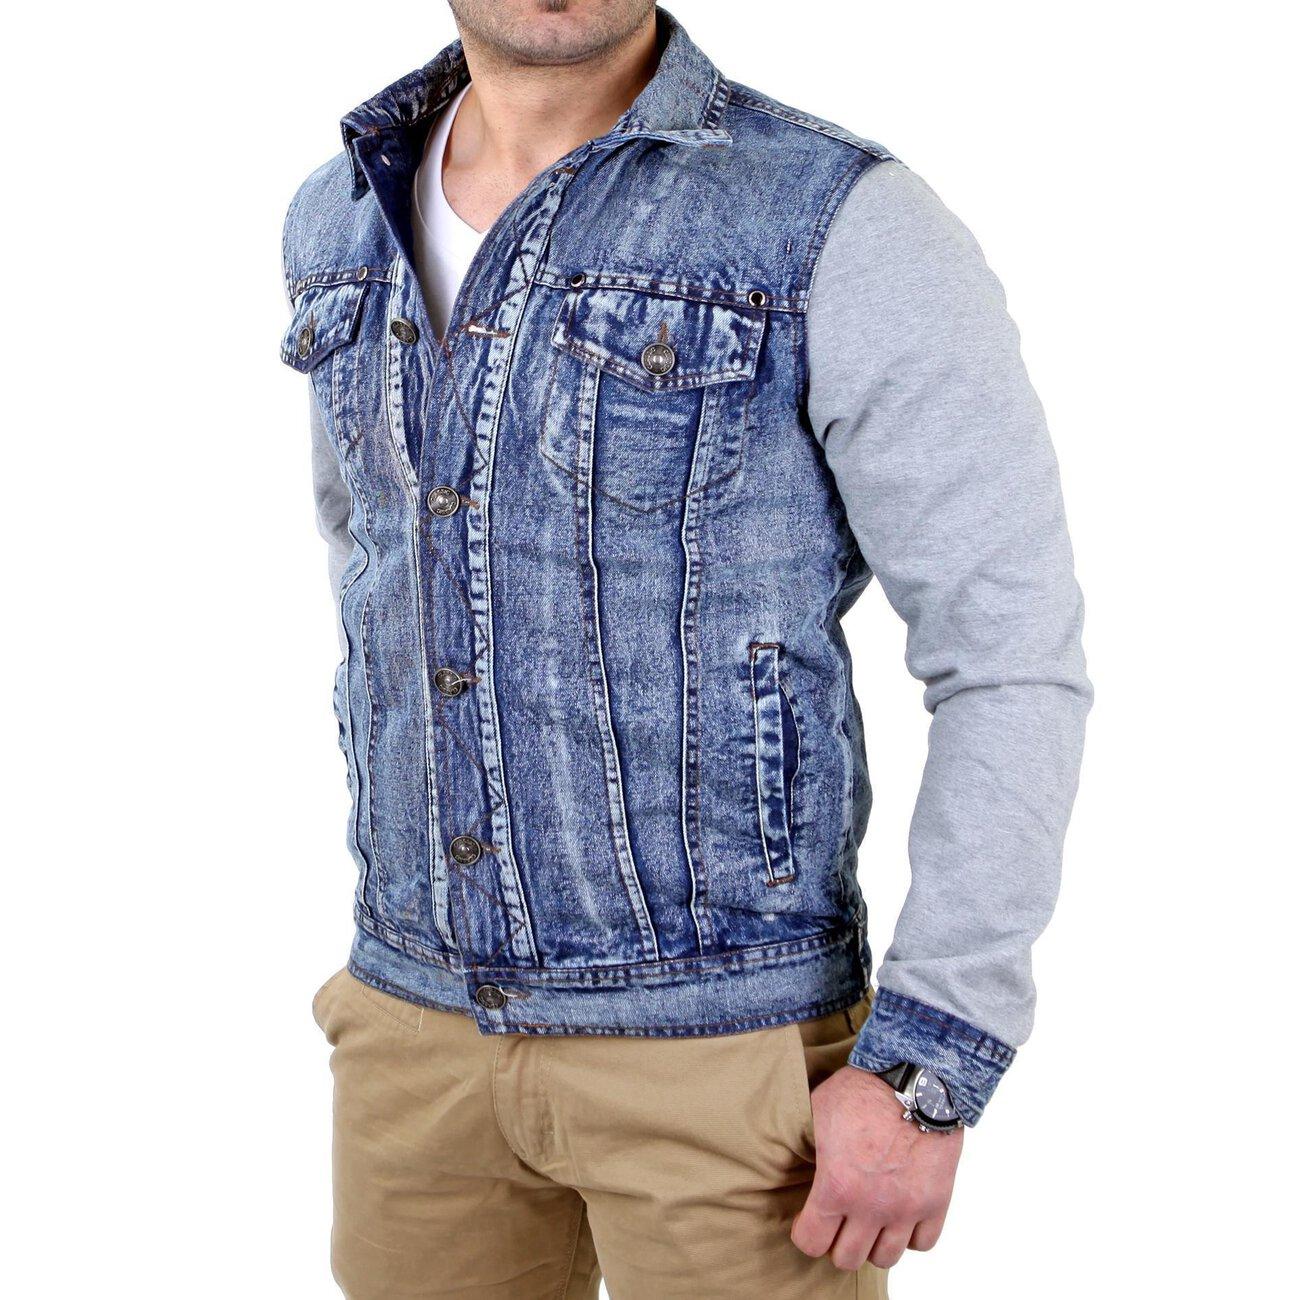 jeansjacke herren material mix reslad rs 17 g nstig kaufen. Black Bedroom Furniture Sets. Home Design Ideas